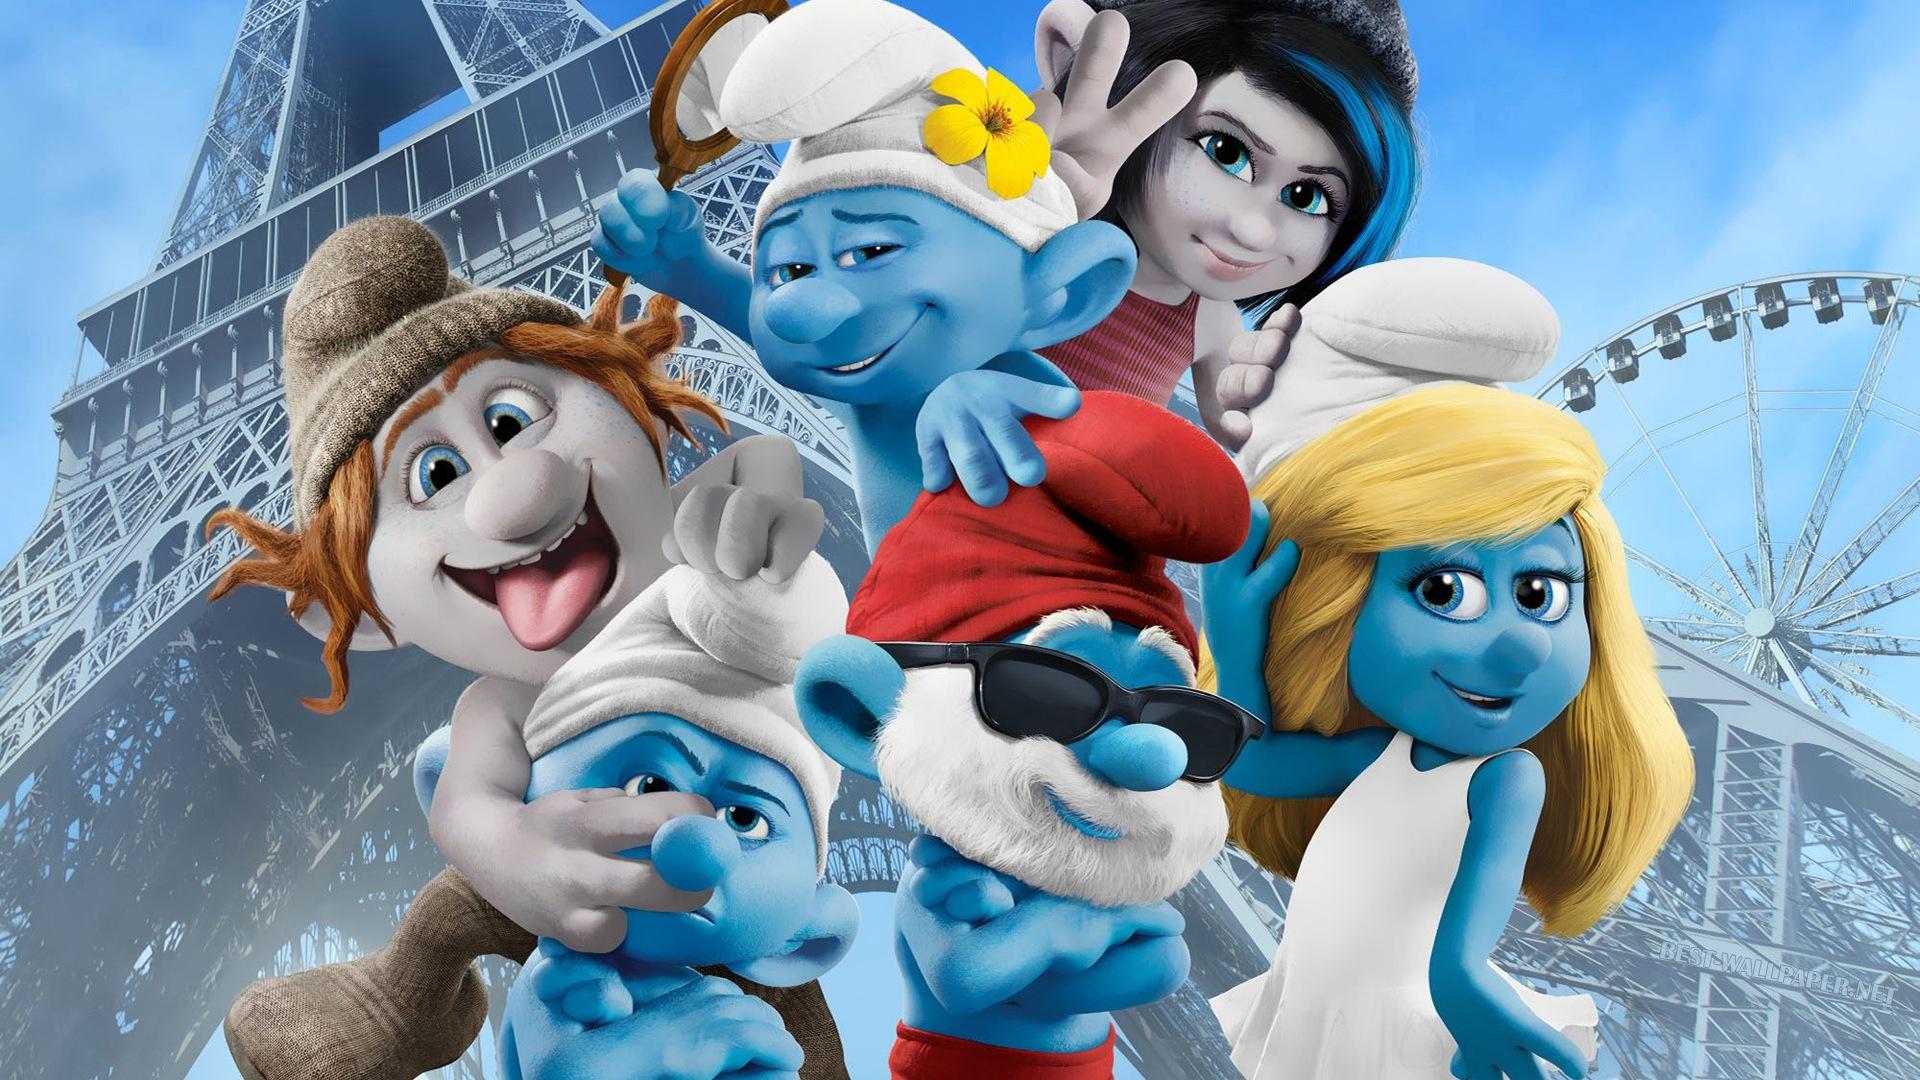 The Smurfs 2 wallpaper 1